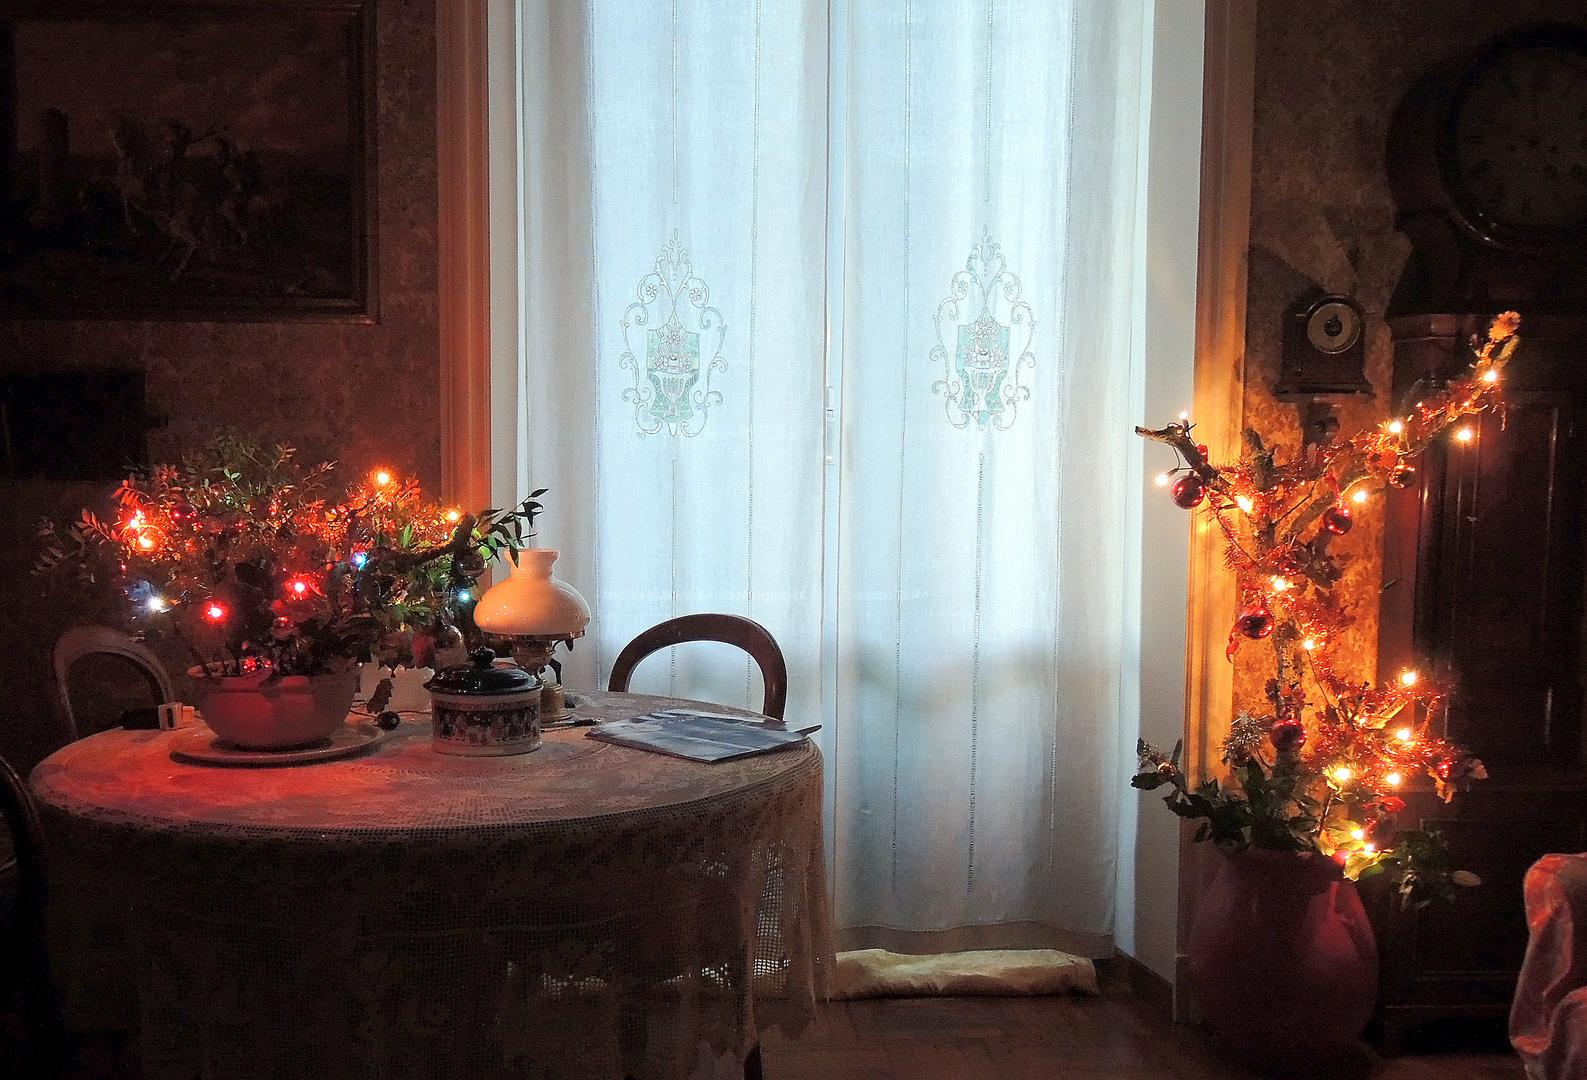 Natale in un interno